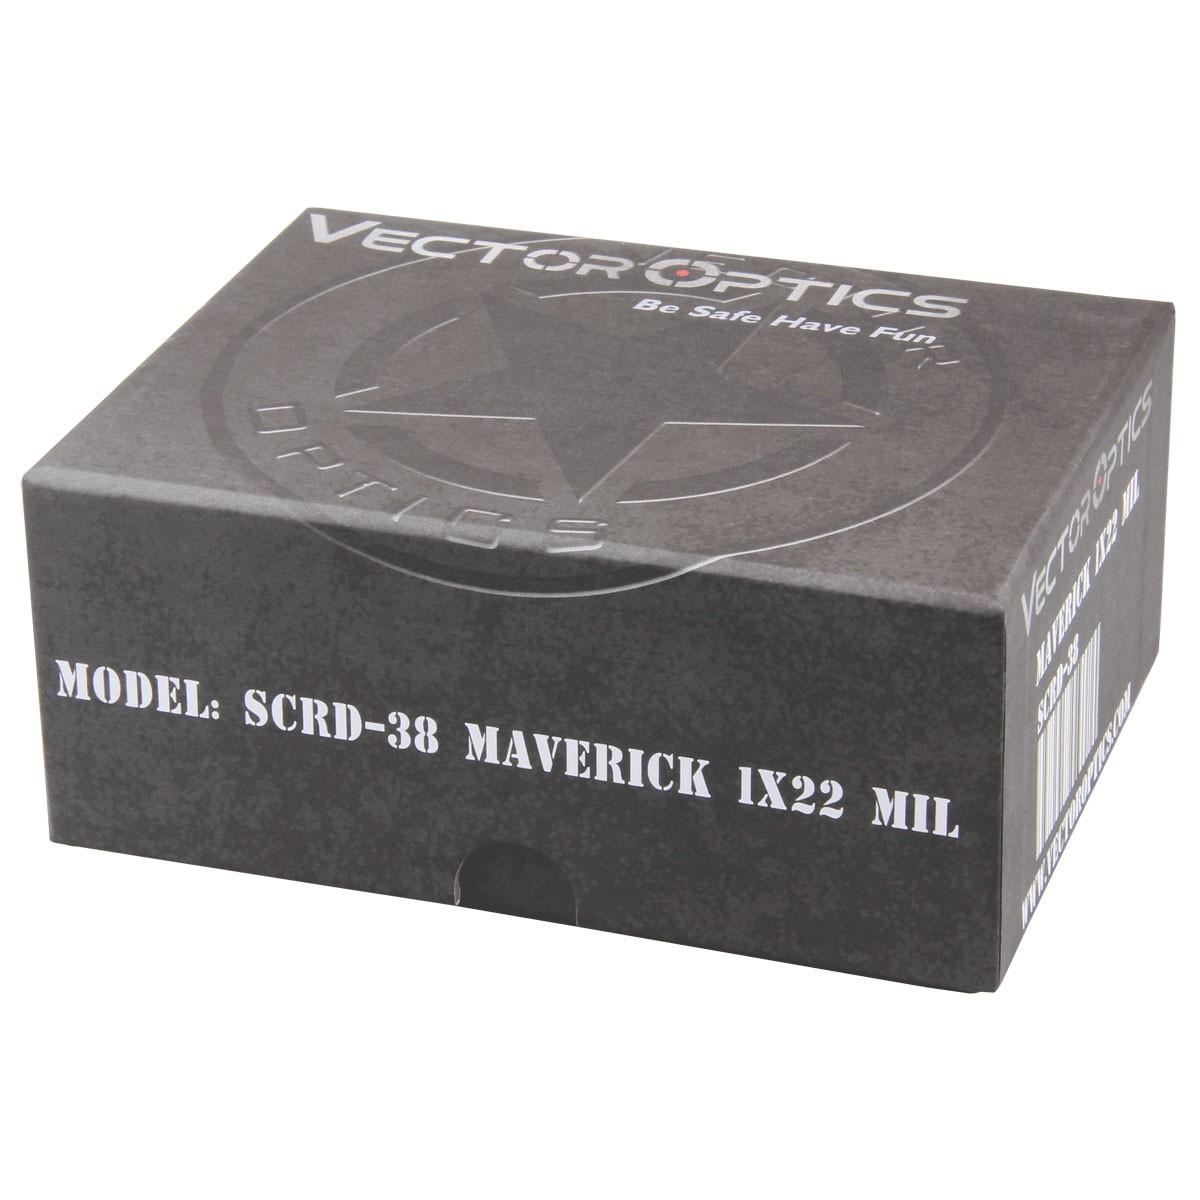 Maverick 1x22 Rubber Cover